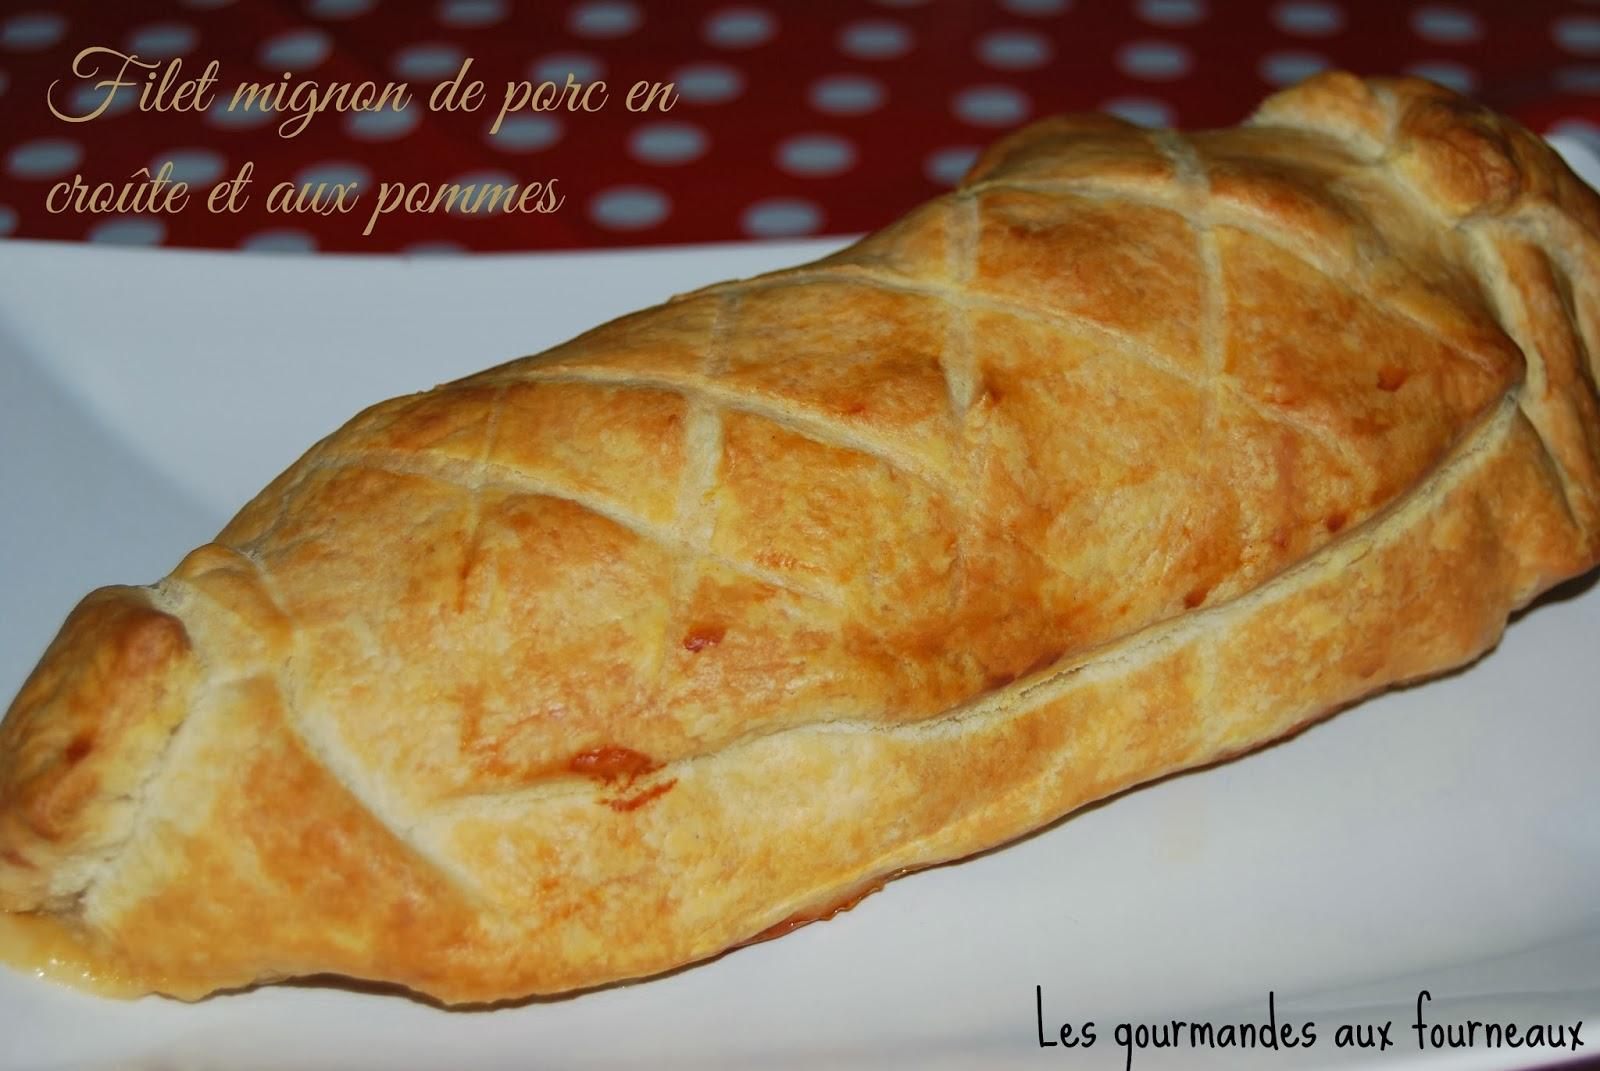 ... aux fourneaux: Filet mignon de porc en croûte et aux pommes